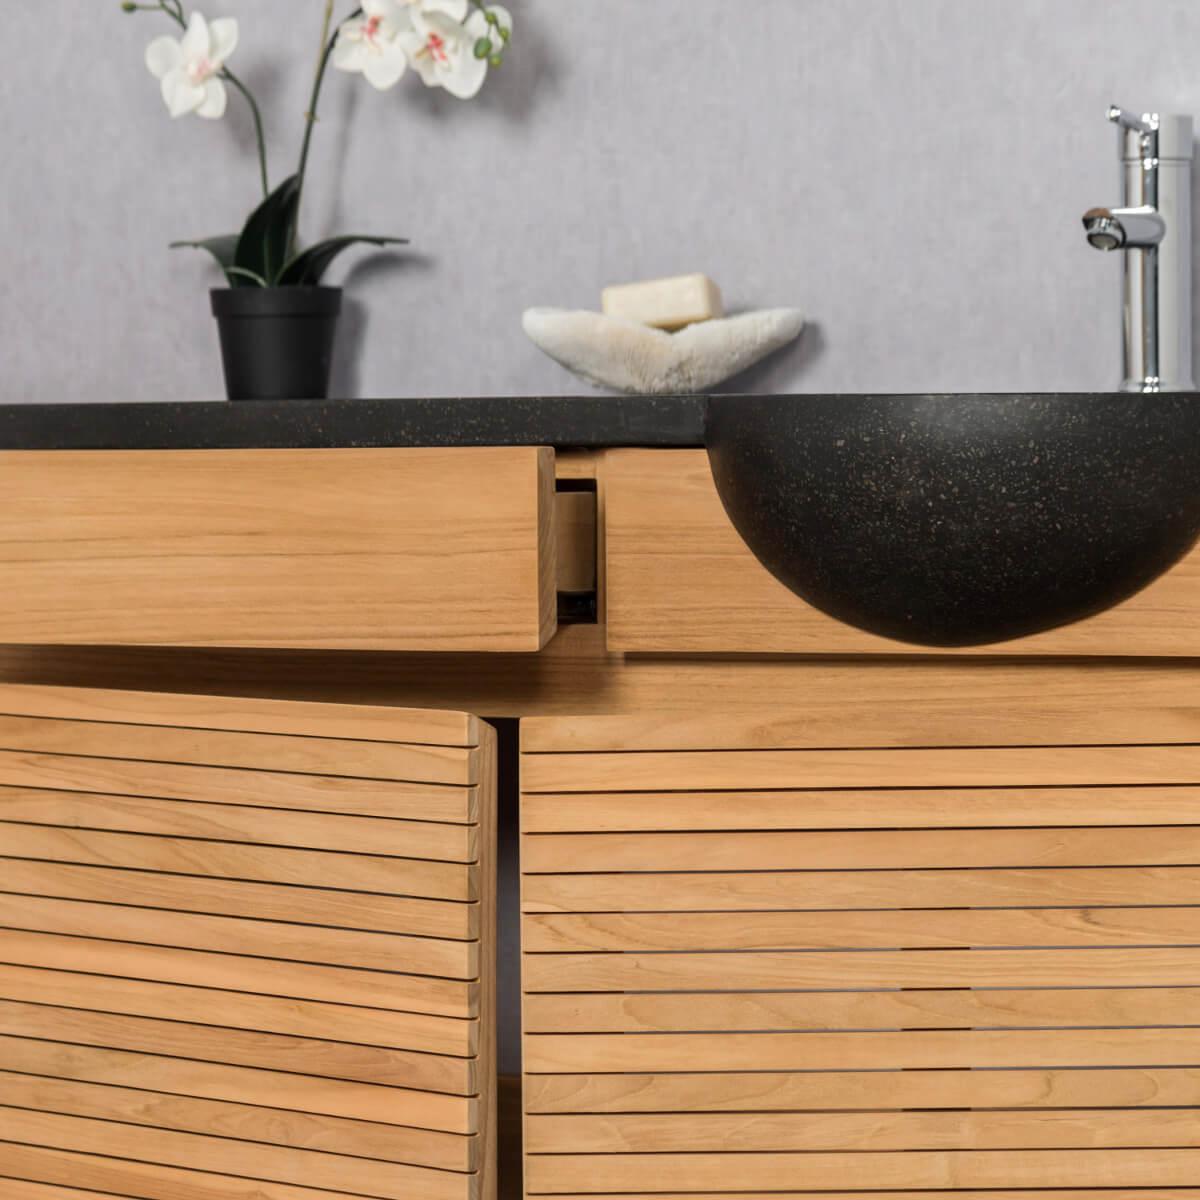 meuble salle de bain meuble suspendu teck avec vasque en pierre noir 1 m. Black Bedroom Furniture Sets. Home Design Ideas